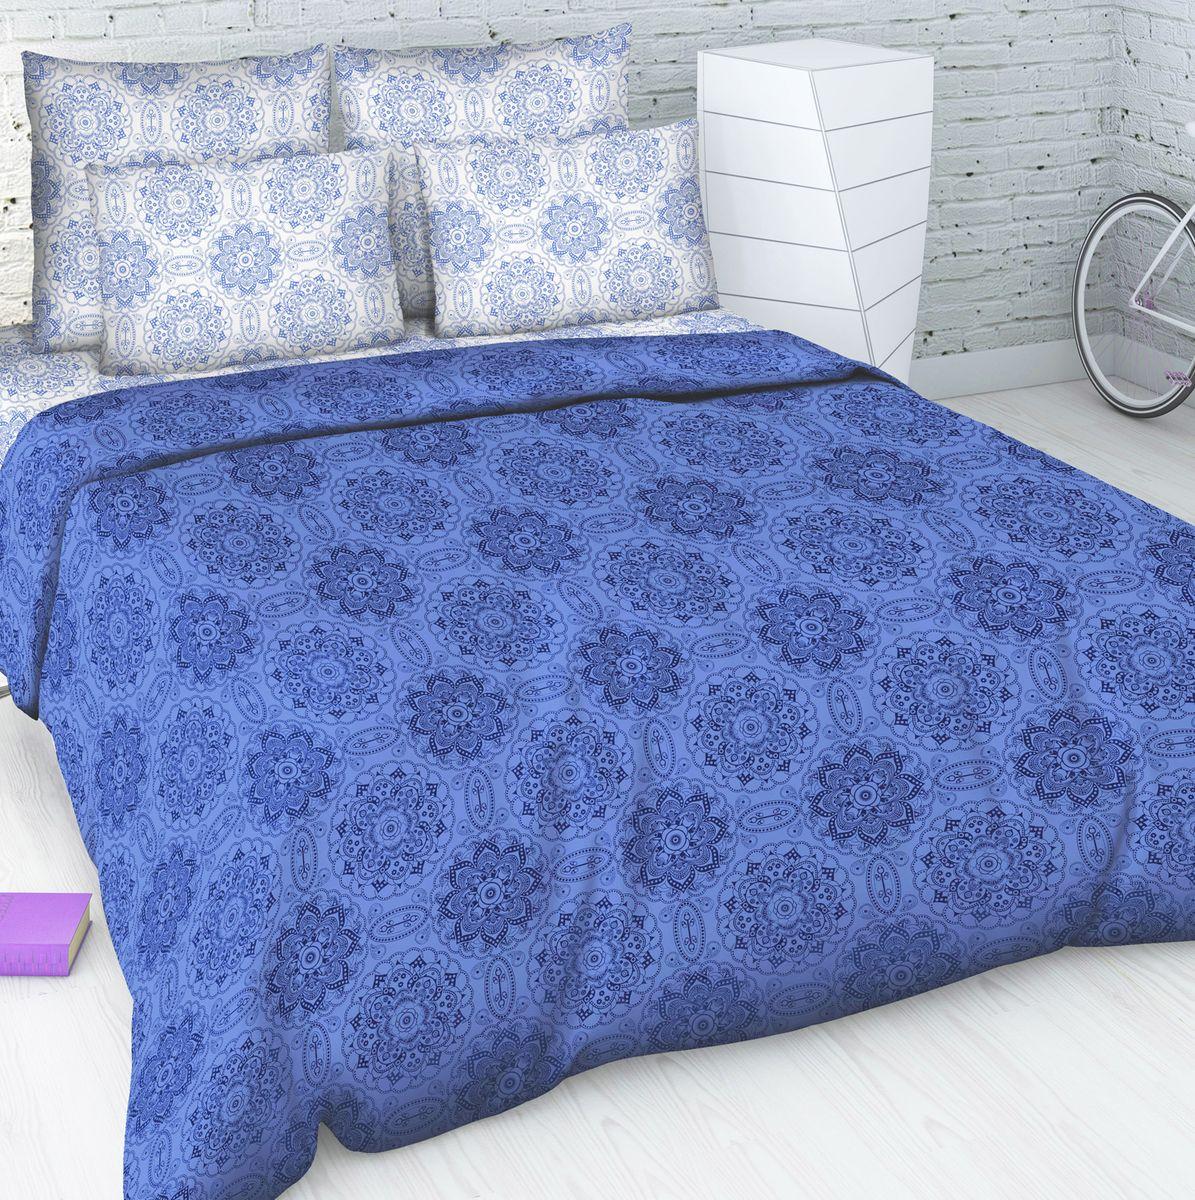 Комплект белья Василиса, 2-спальный, наволочки 70х70. 5061_1/2PW-7-143-220-69Комплект постельного белья Василиса состоит из пододеяльника, простыни и двух наволочек. Белье производится из высококачественной бязи (100% хлопка).Использование особо тонкой пряжи делает ткань мягче на ощупь, обеспечивает легкое глажение и позволяет передать всю насыщенность цветовой гаммы. Благодаря более плотному переплетению нитей и использованию высококачественных импортных красителей постельное белье выдерживает до 70 стирок.Приобретая комплект постельного белья Василиса, вы можете быть уверены в том, что покупка доставит вам удовольствие и подарит максимальный комфорт.